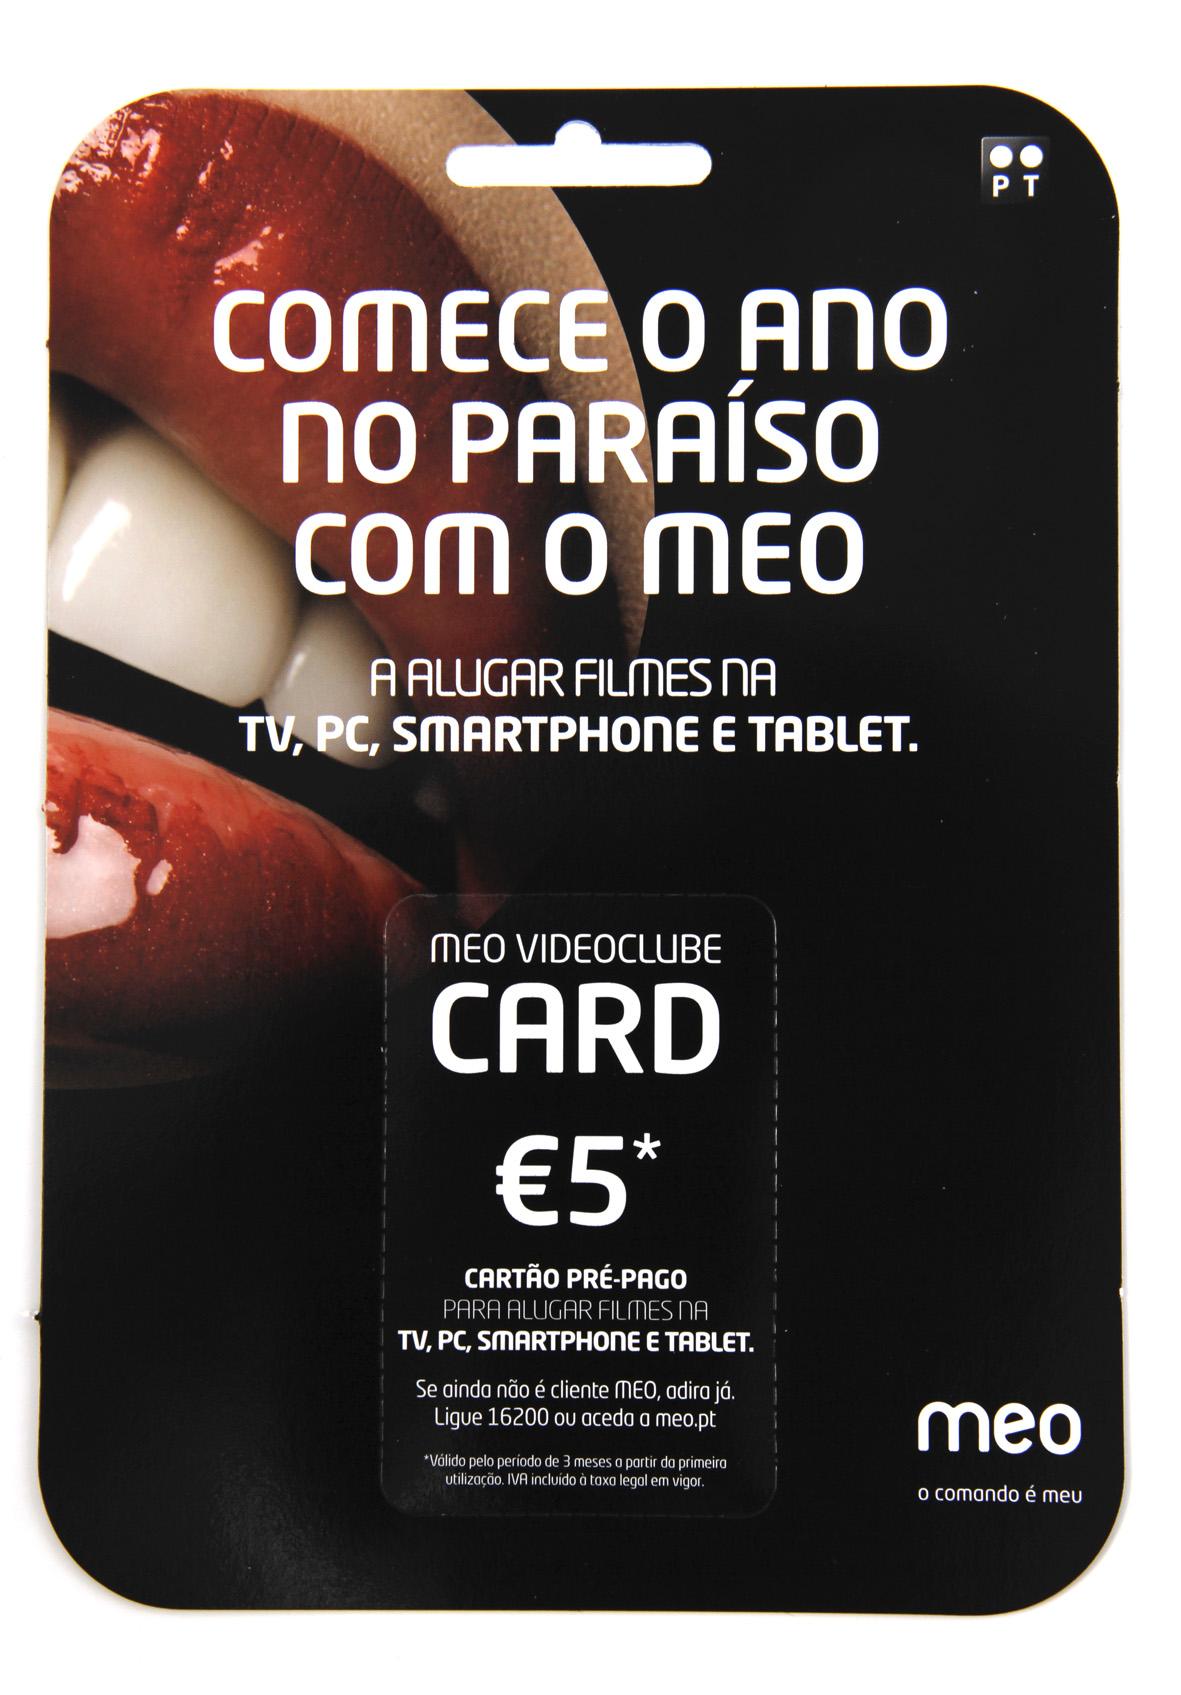 Cartao-Meo-Videoclube-com-moldura-standart_frente